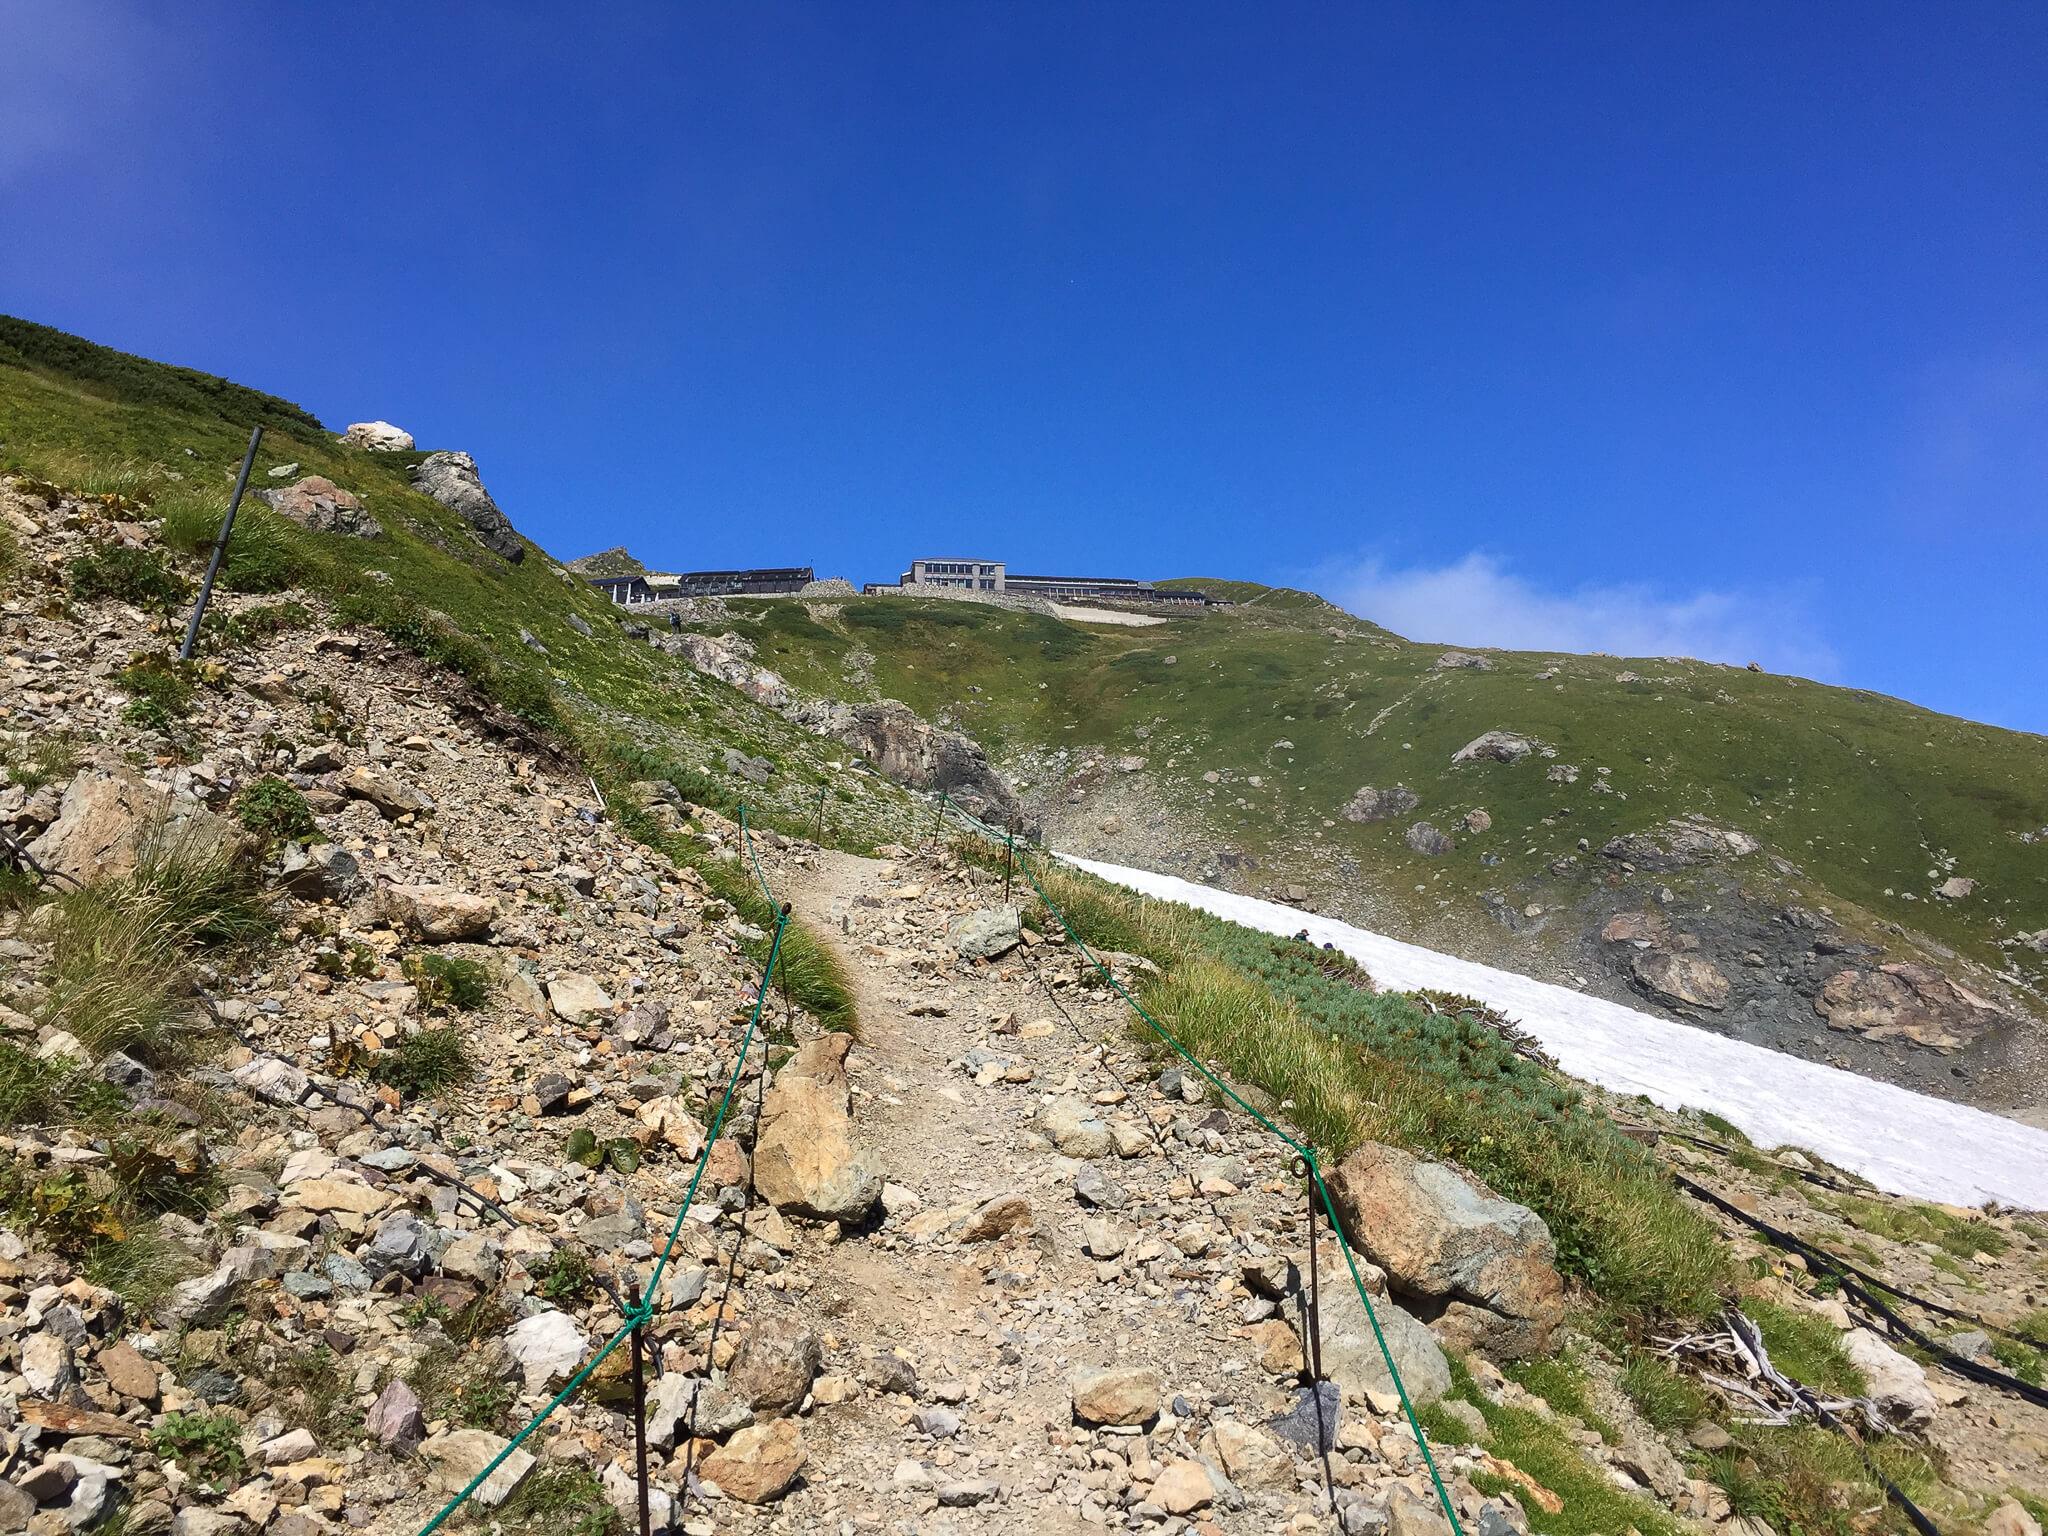 白馬岳・村営白馬岳頂上宿舎から白馬山荘へ向かいます